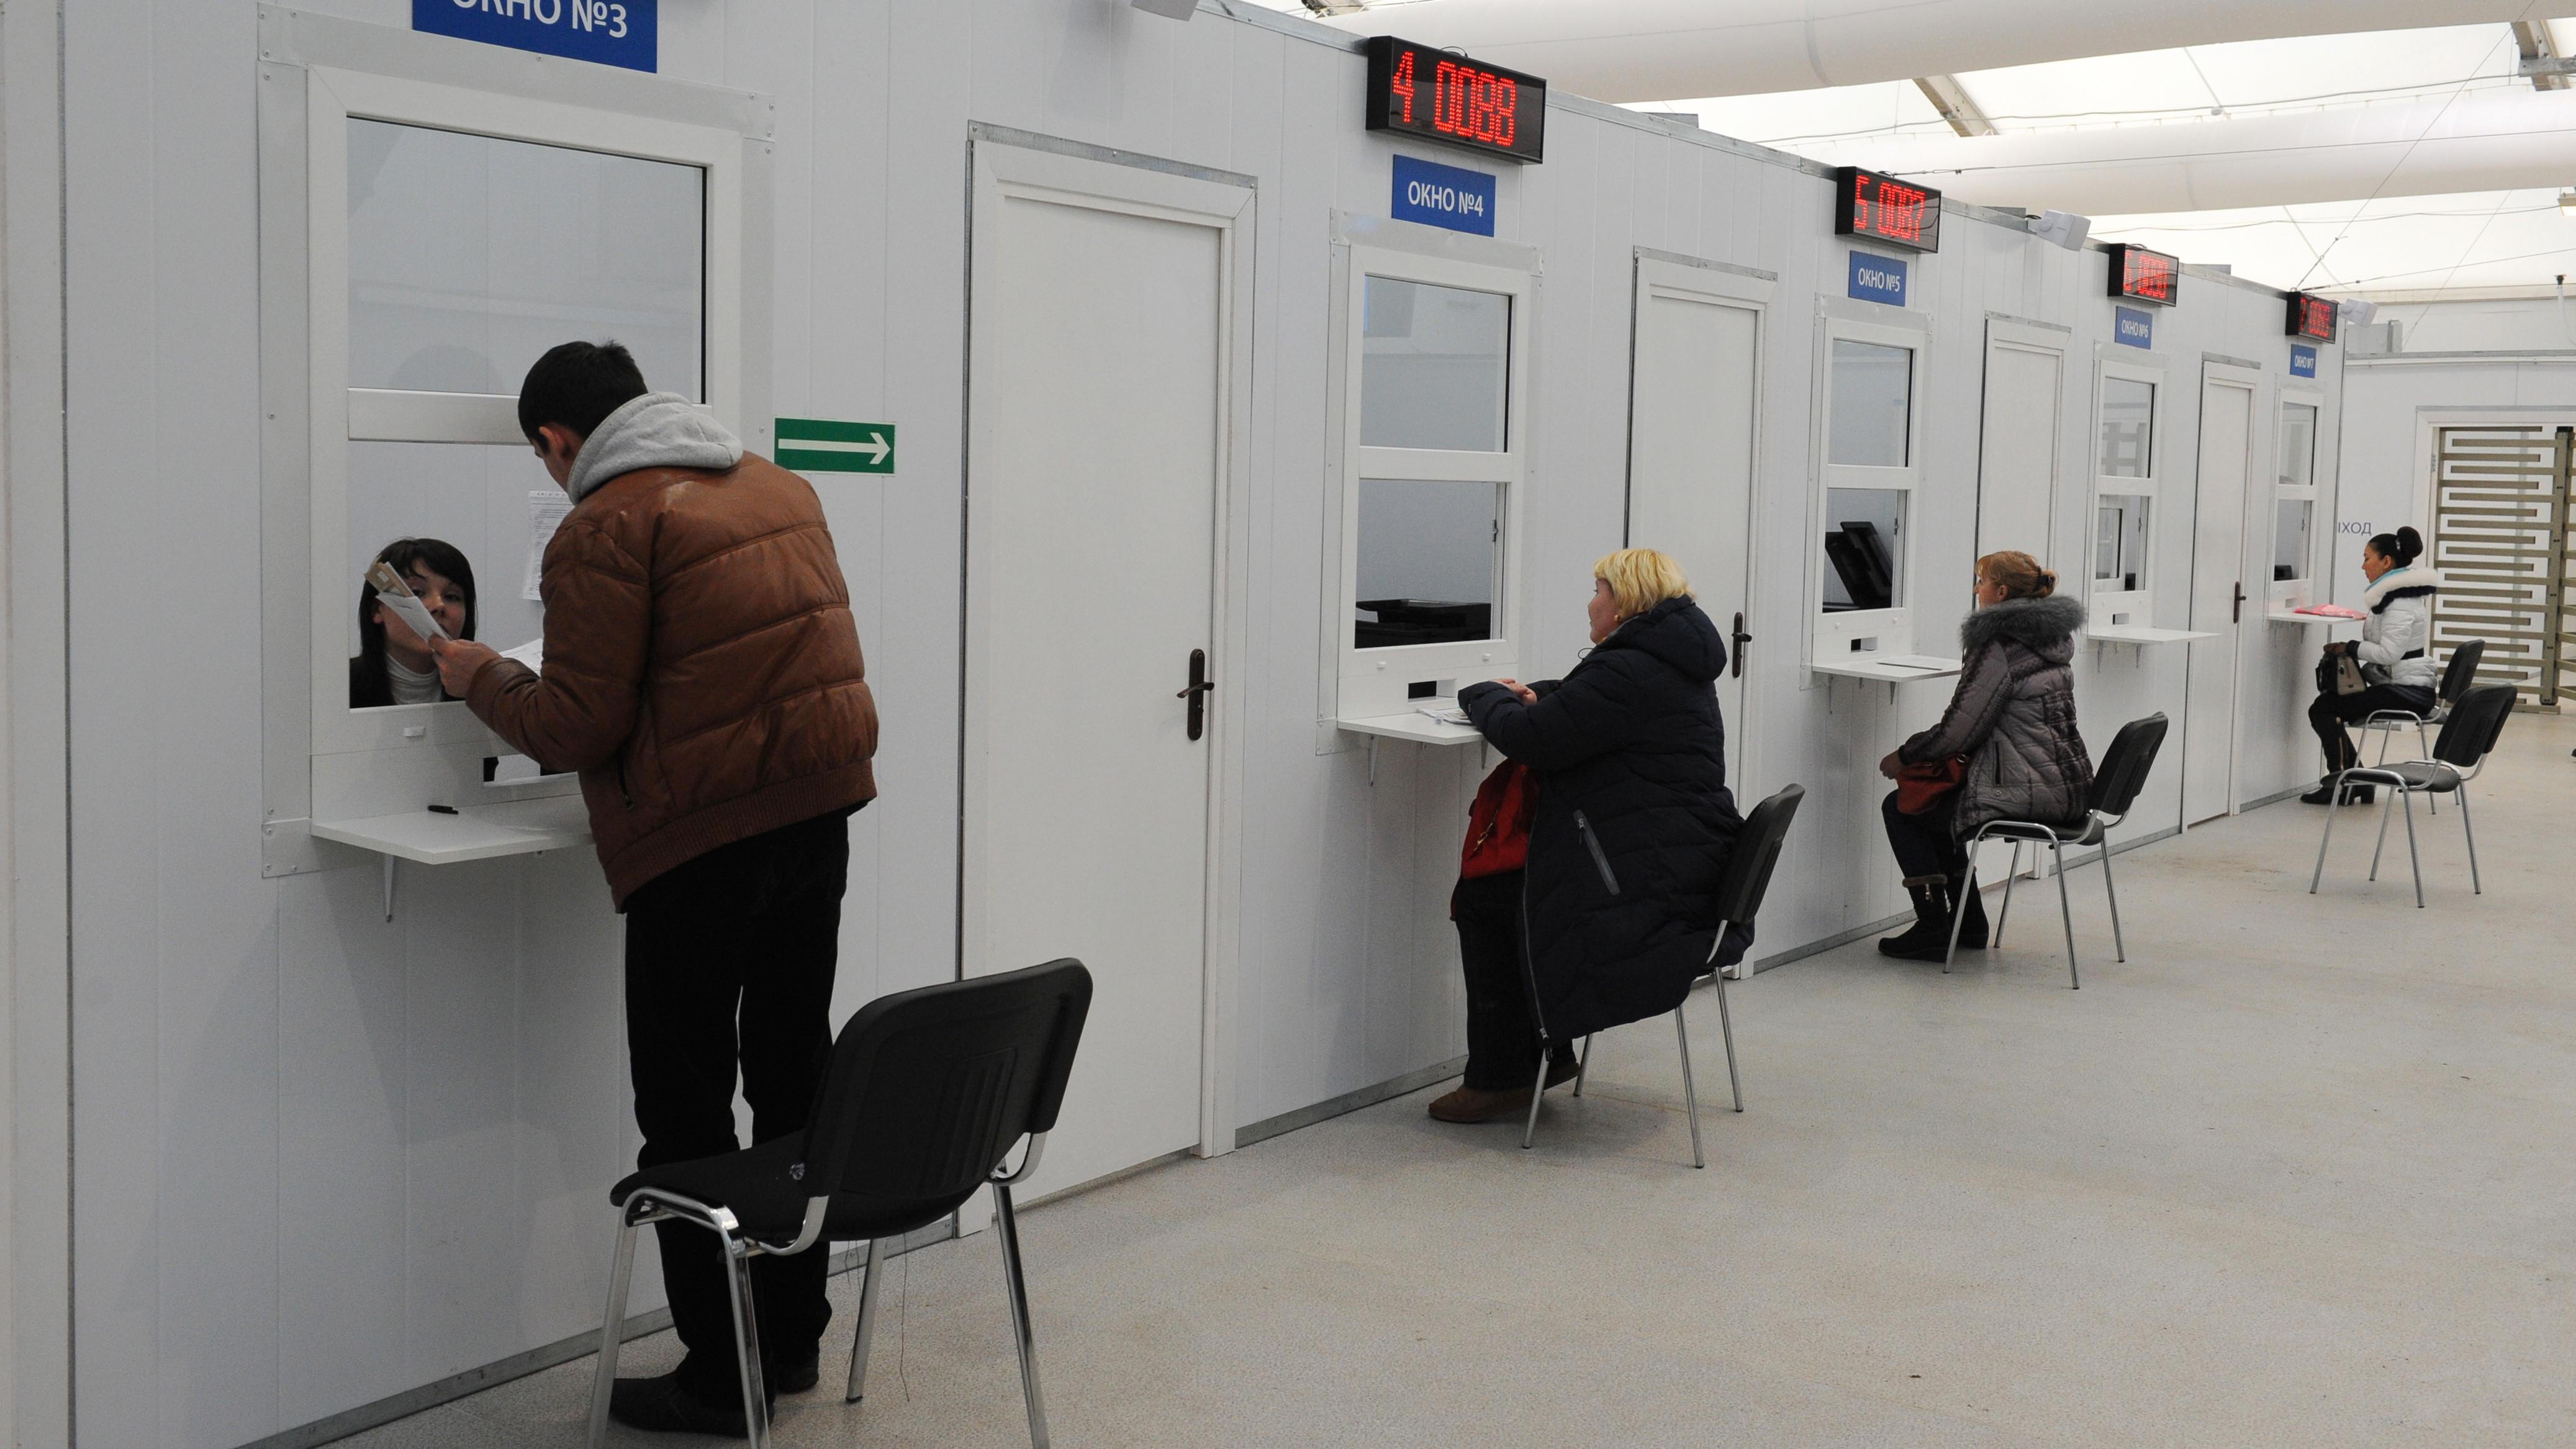 Стоимость патента для иностранных граждан сохранили в Московской области